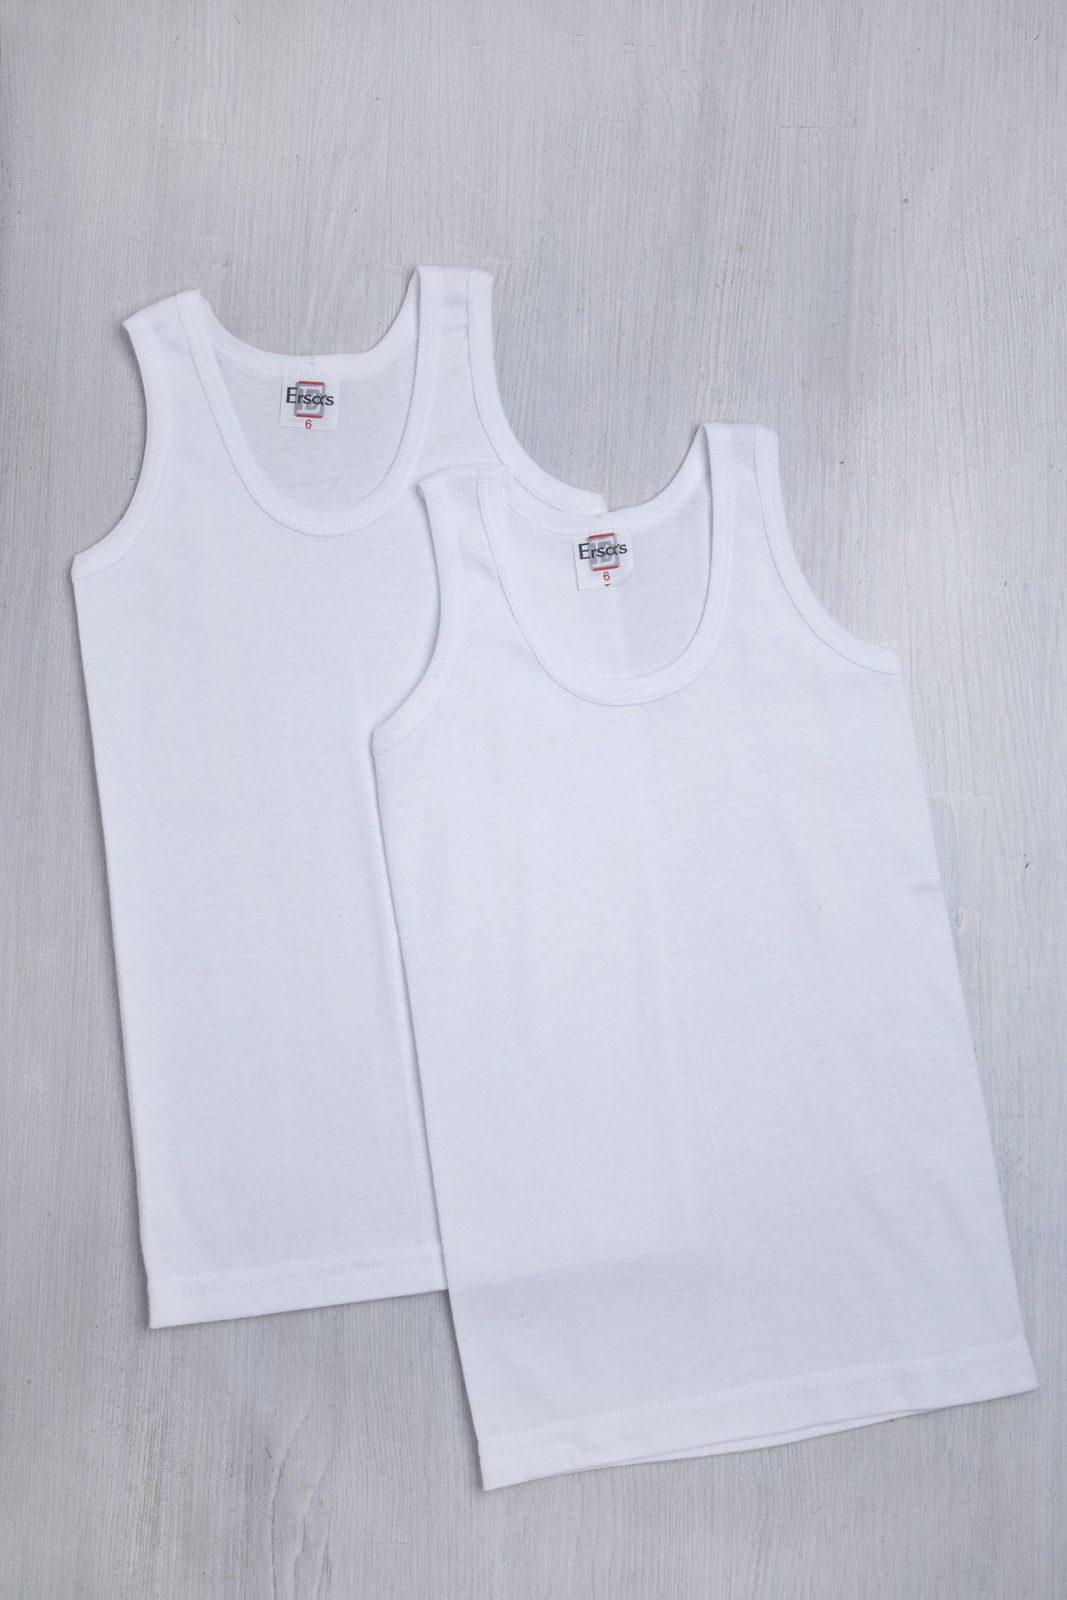 Σετ παιδικές φανέλες αμάνικες σε λευκό χρώμα